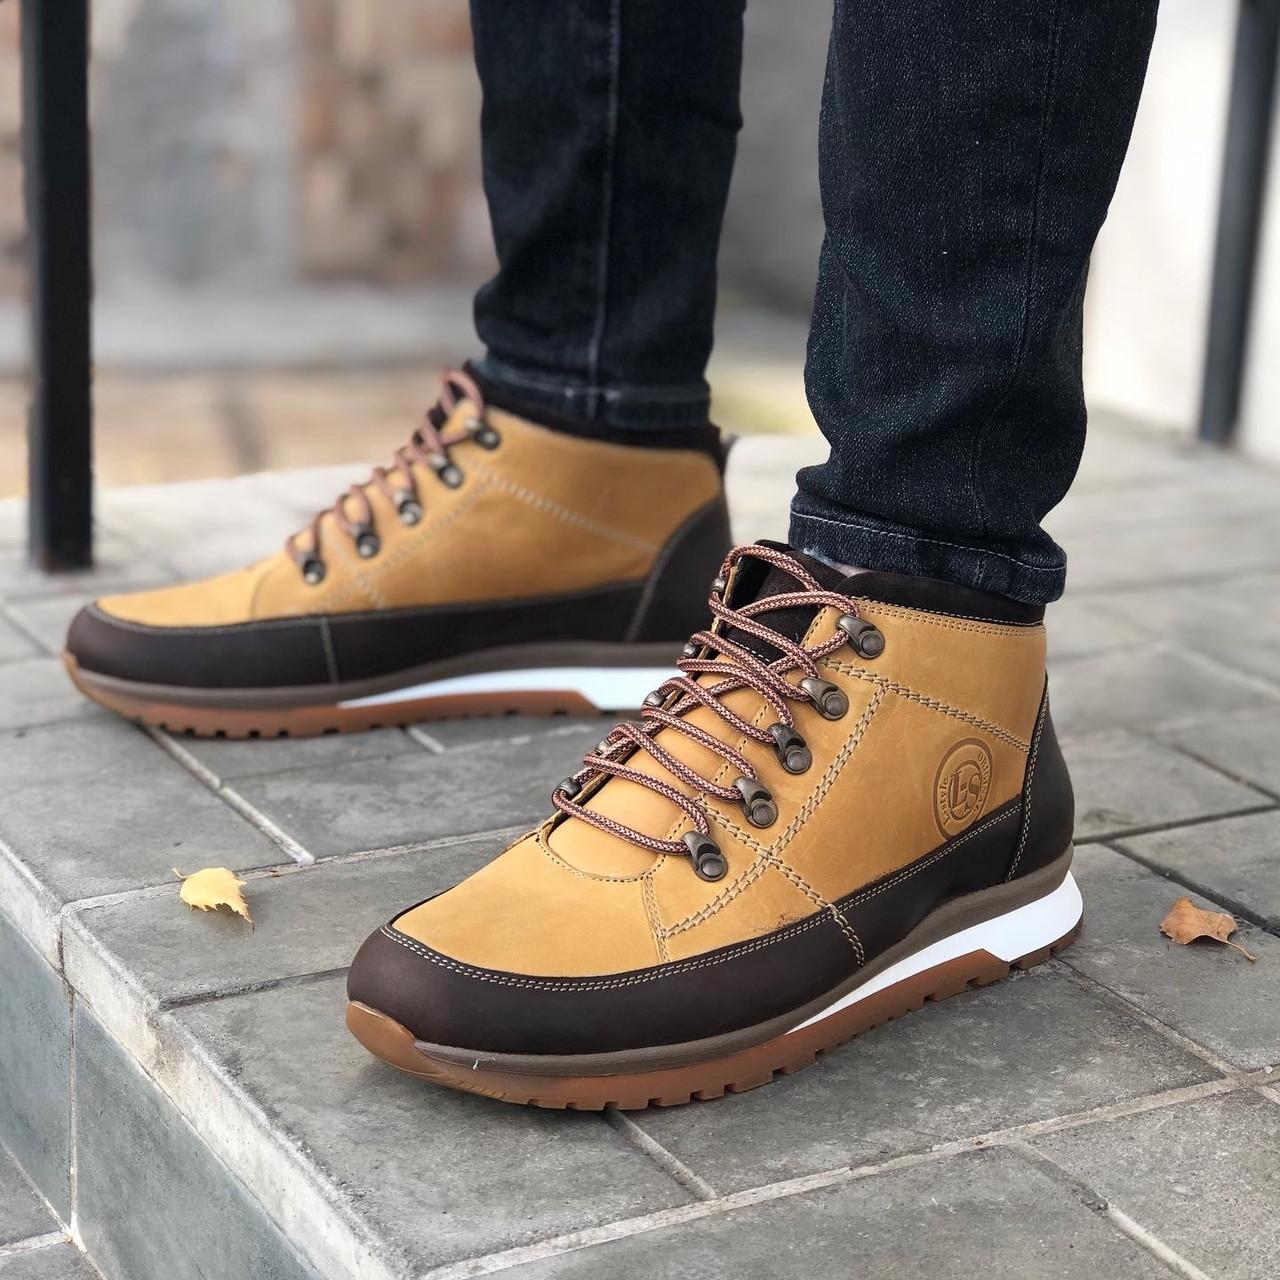 Кожаные мужские кроссовки зима L-Style 3590 ж/кор размеры 41,42,43